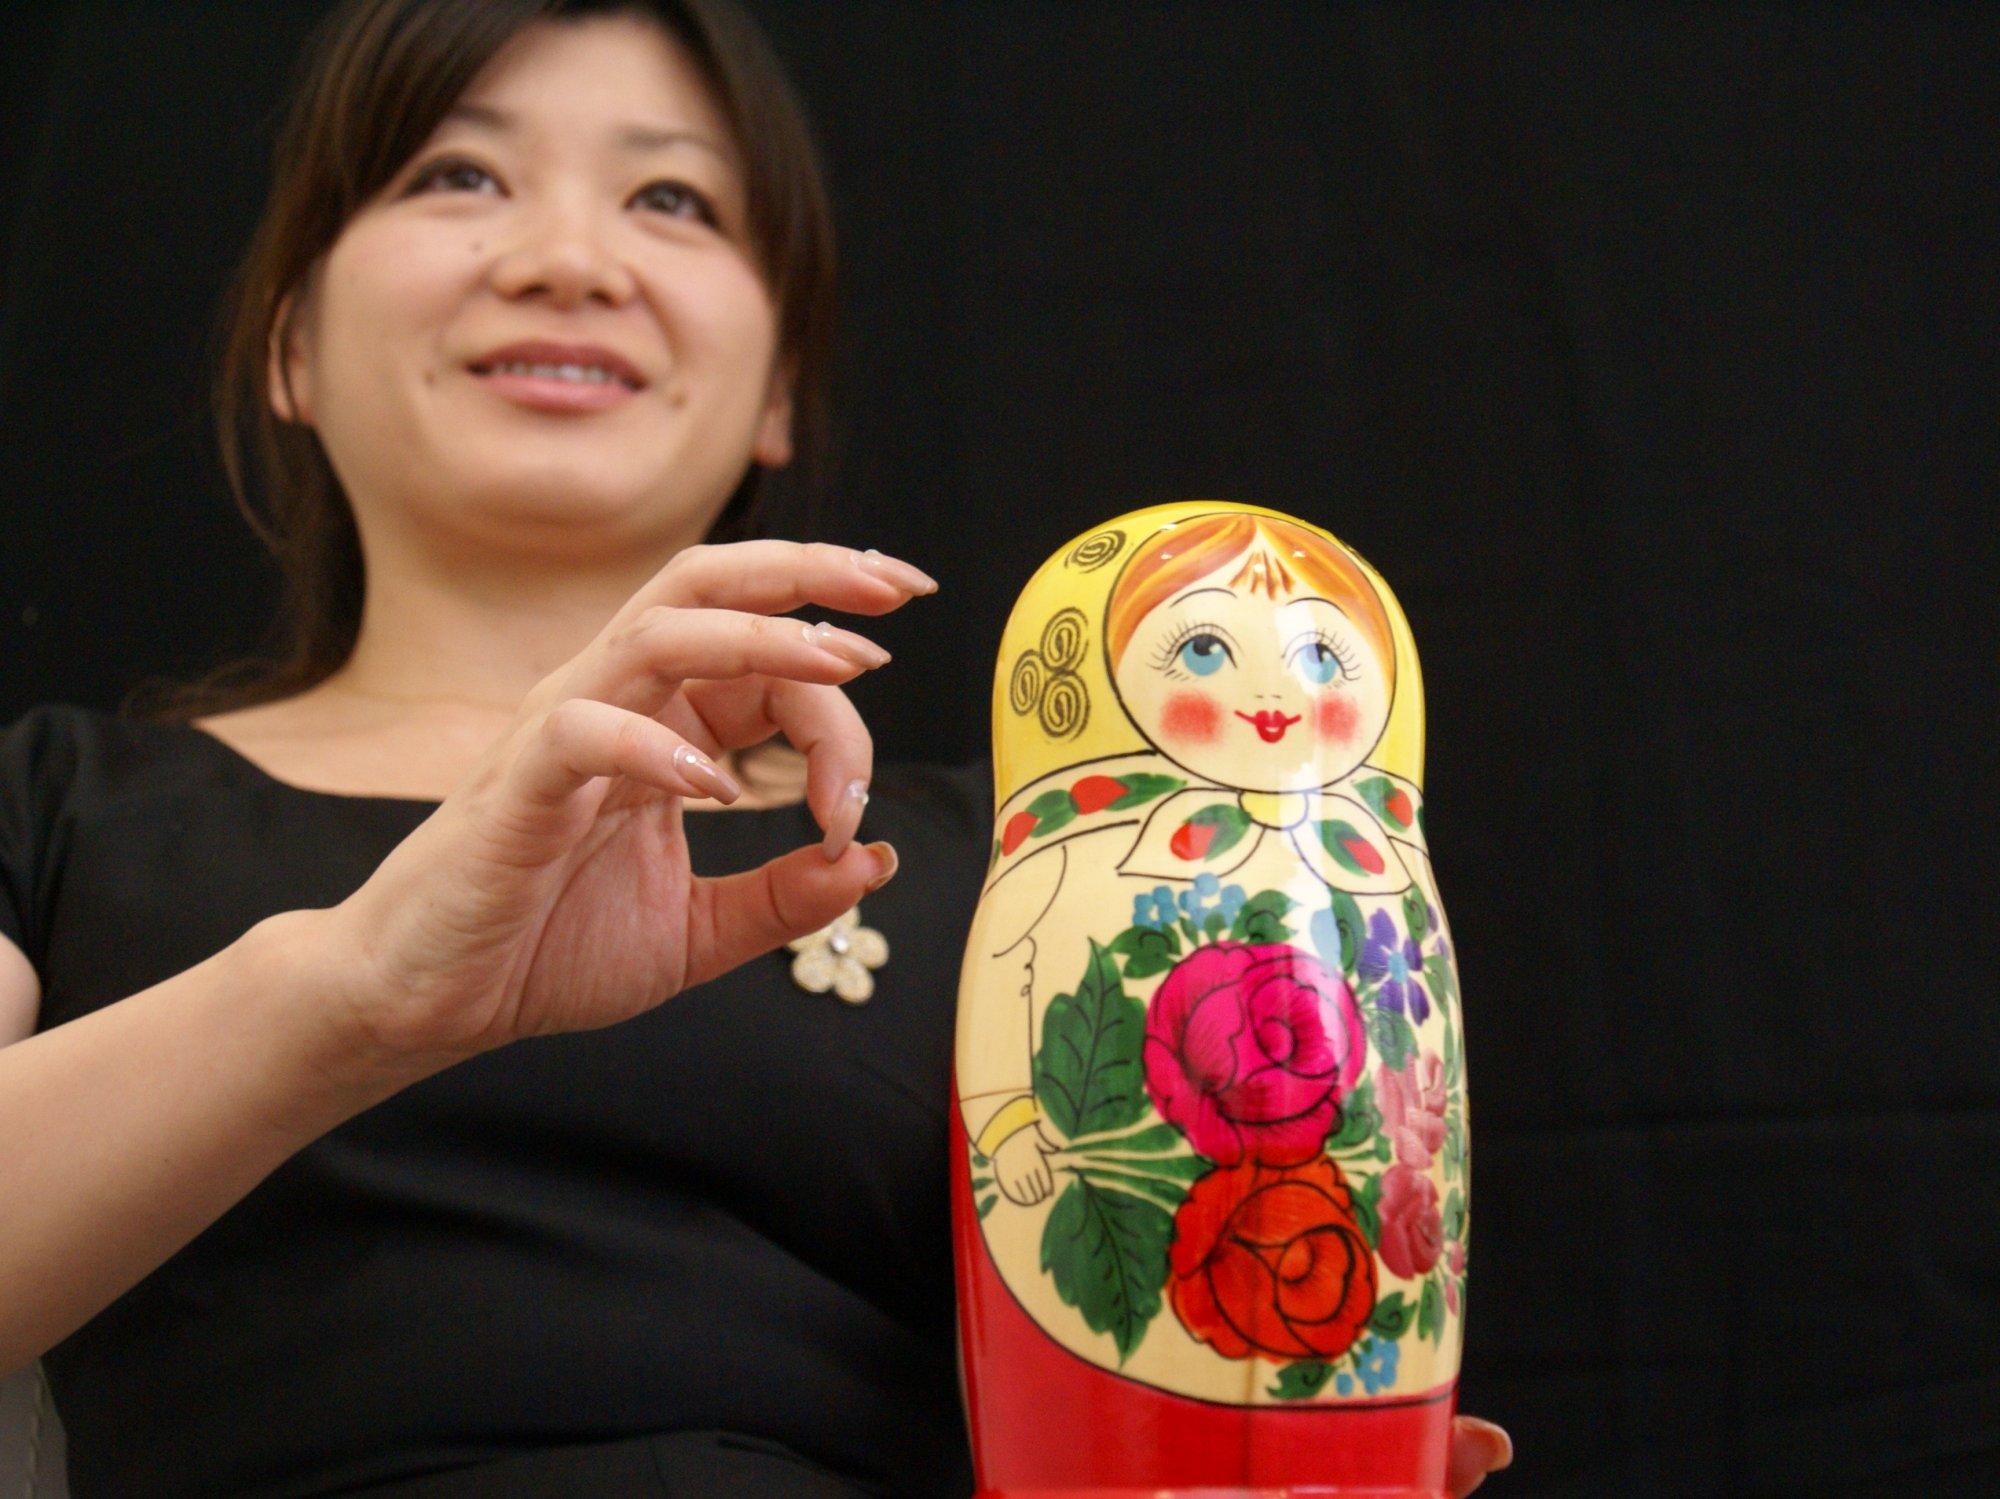 静岡県浜松市のふるさと納税 マトリョミン、弾いてミン、聴いてミン!